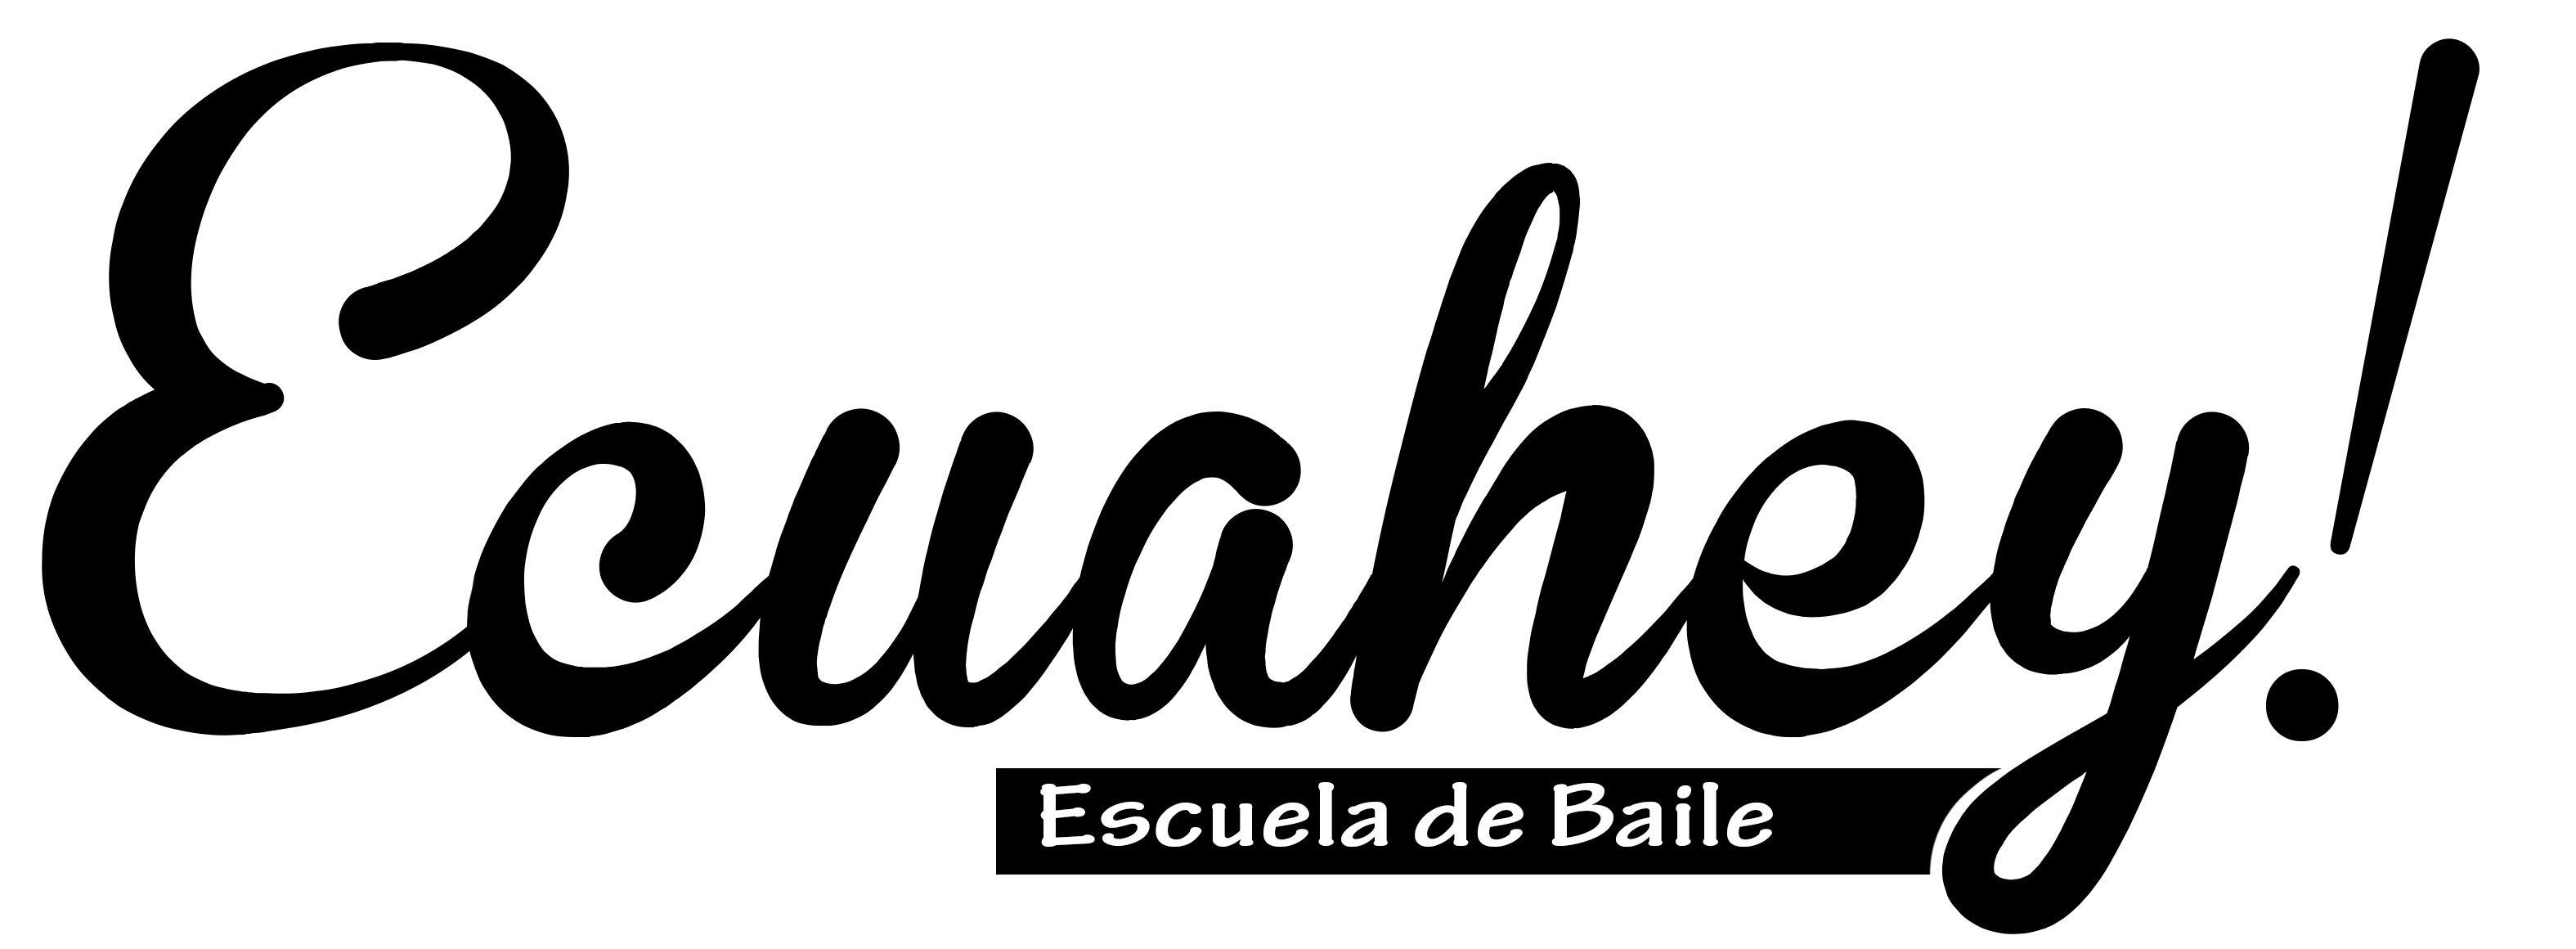 Ecuahey! Escuela de Baile